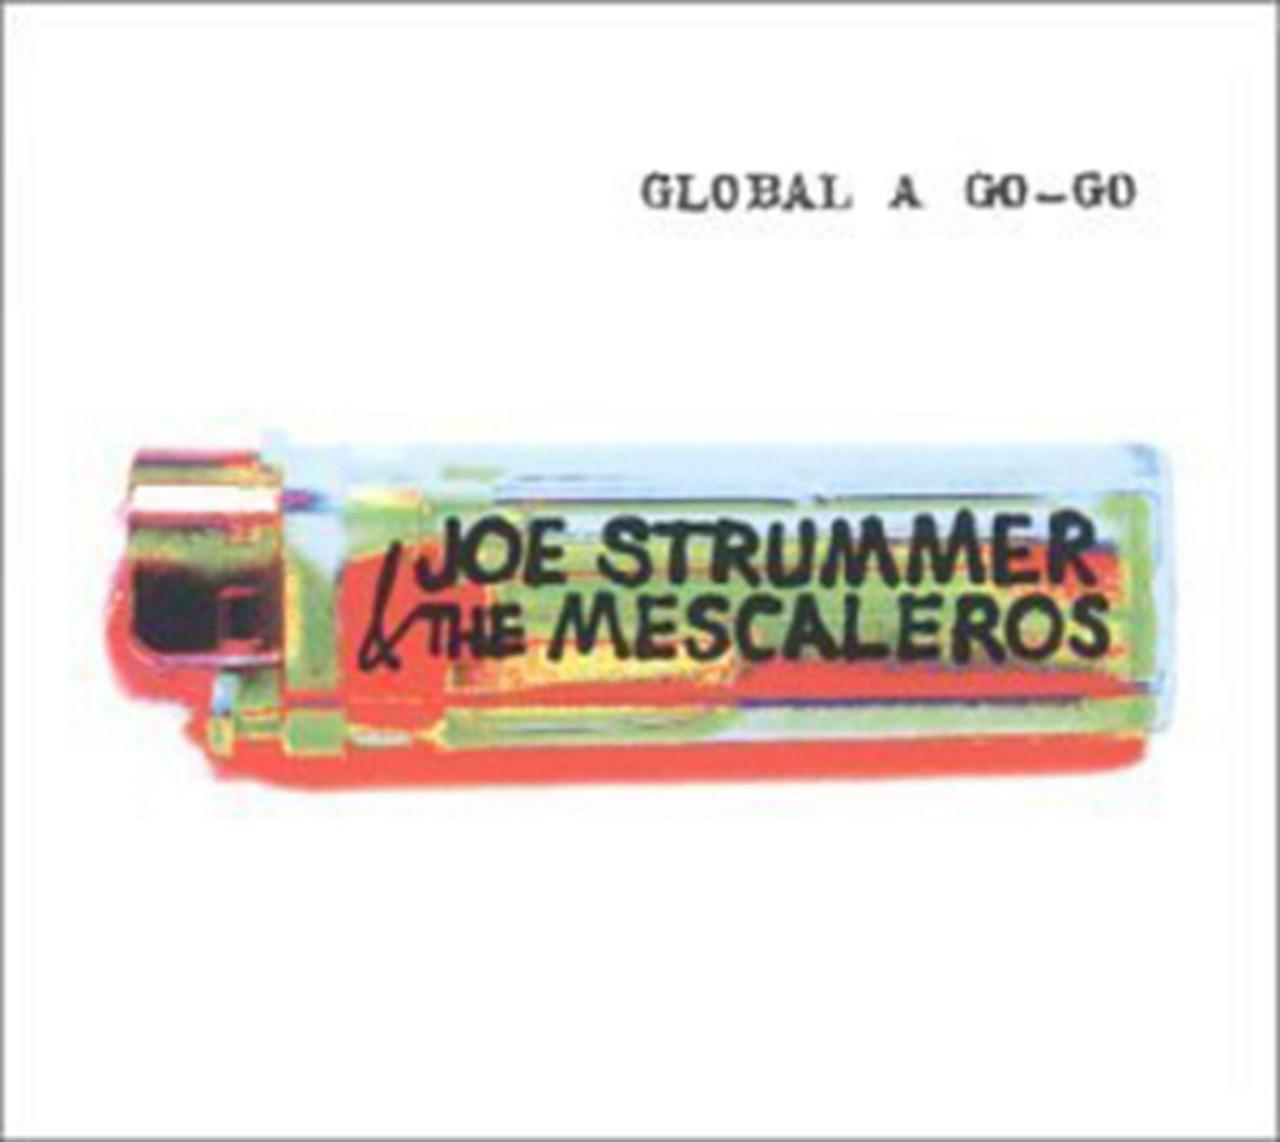 Global a Go-go - 1